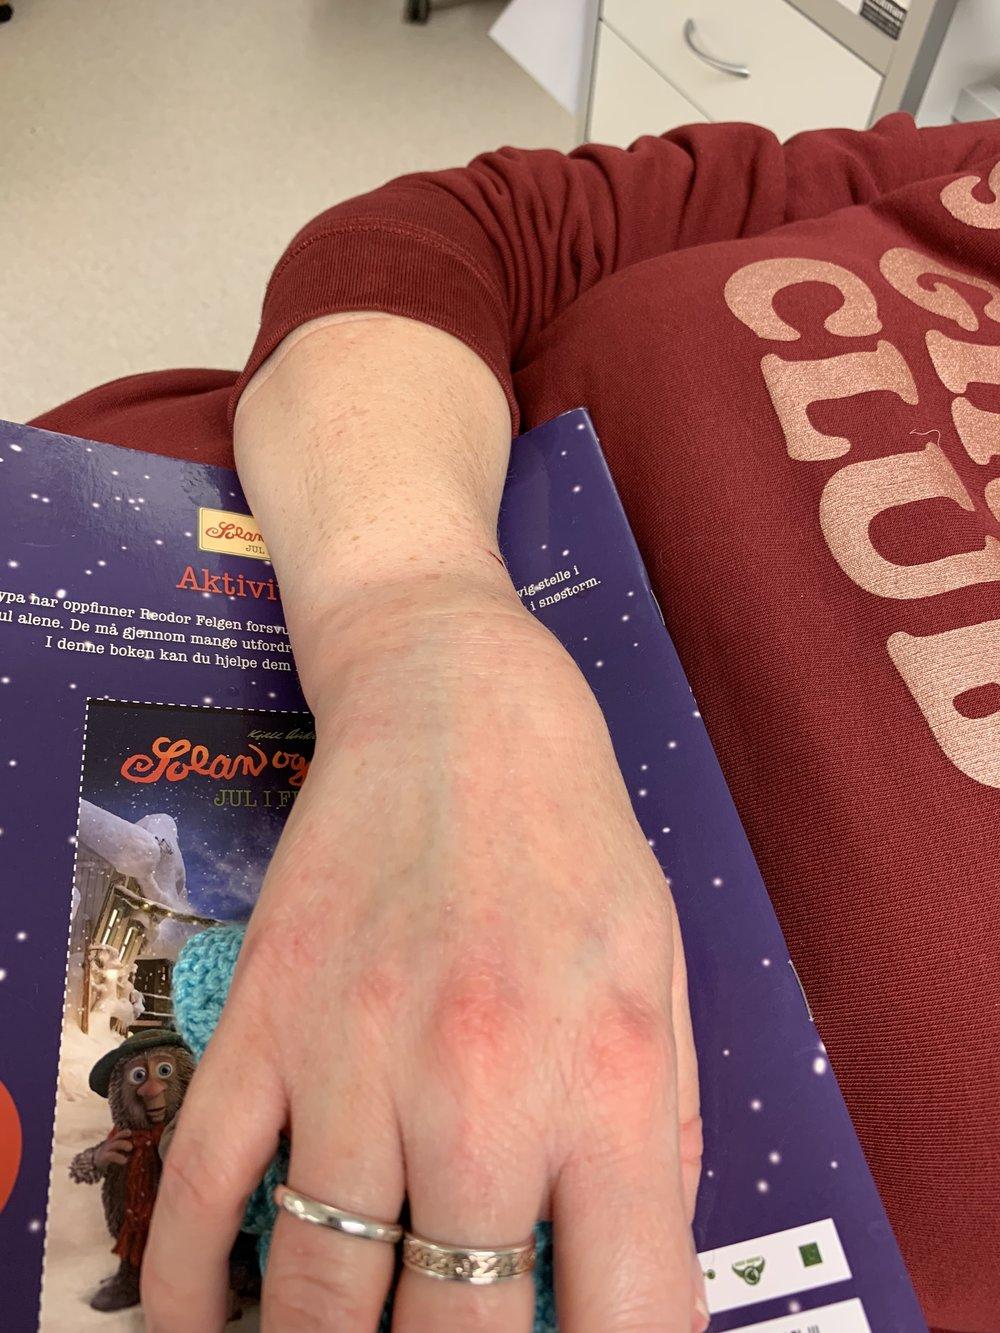 My poor hand!